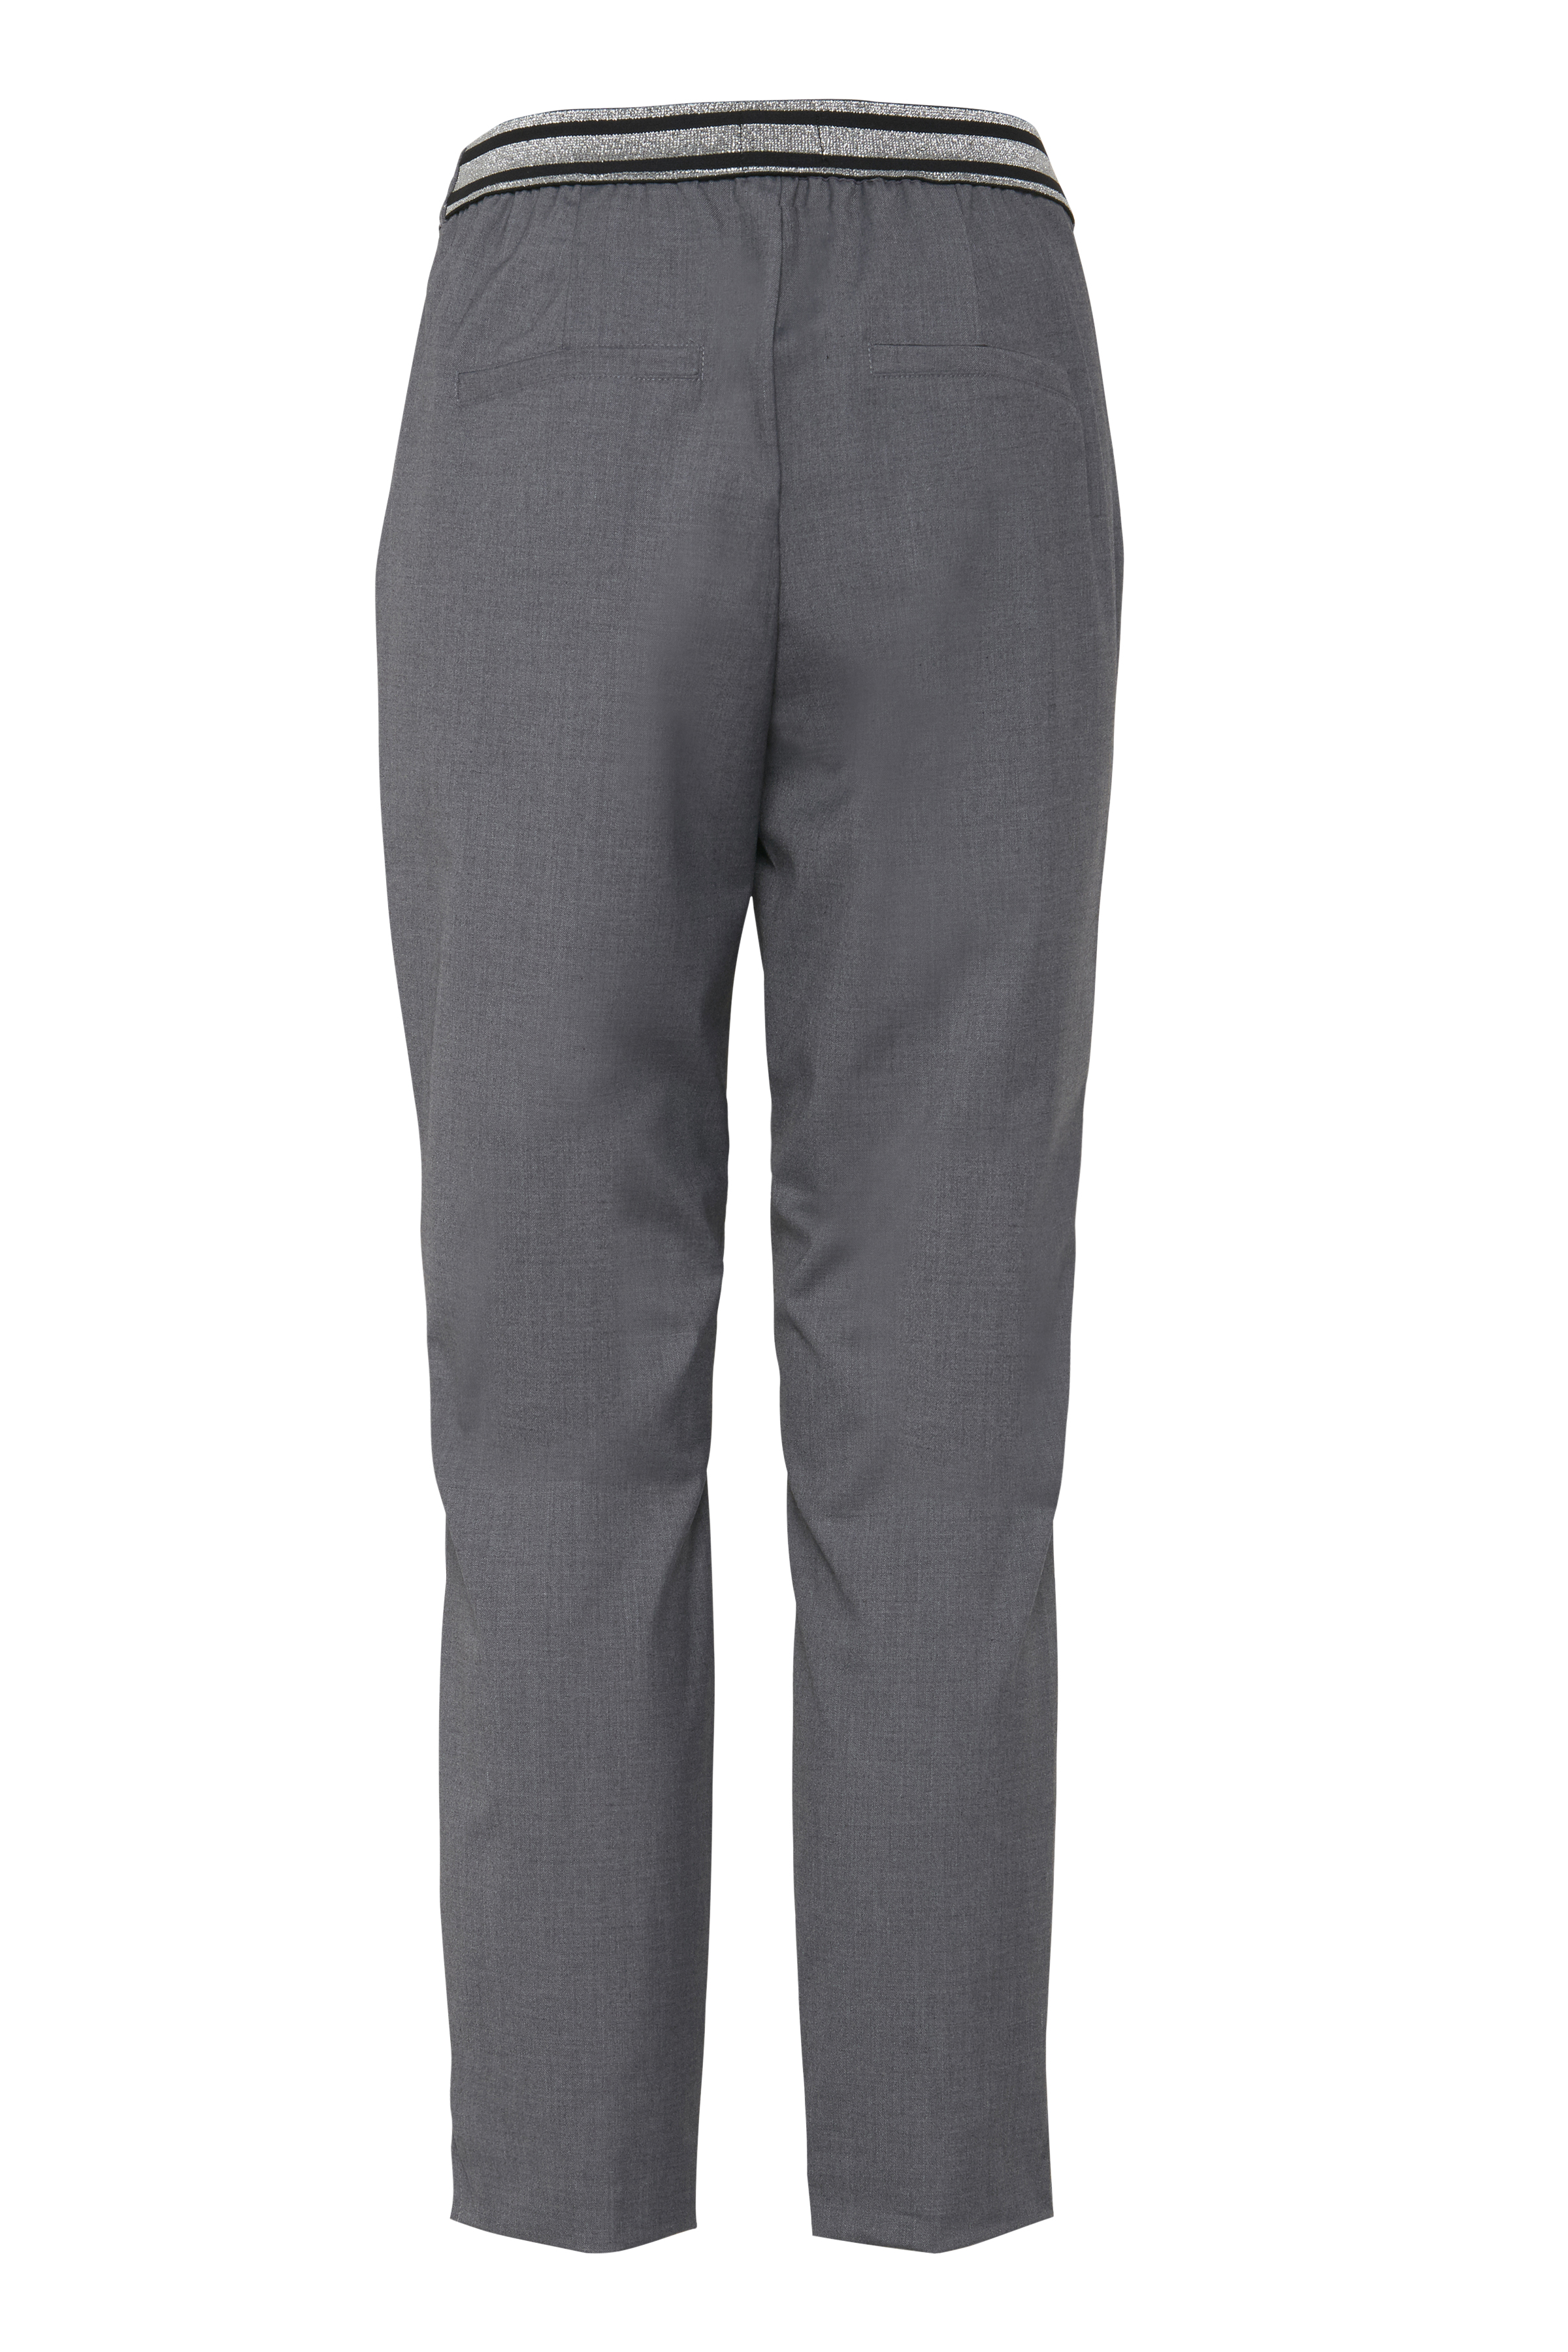 Gråmeleret Casual bukser fra Pulz Jeans – Køb Gråmeleret Casual bukser fra str. 32-46 her